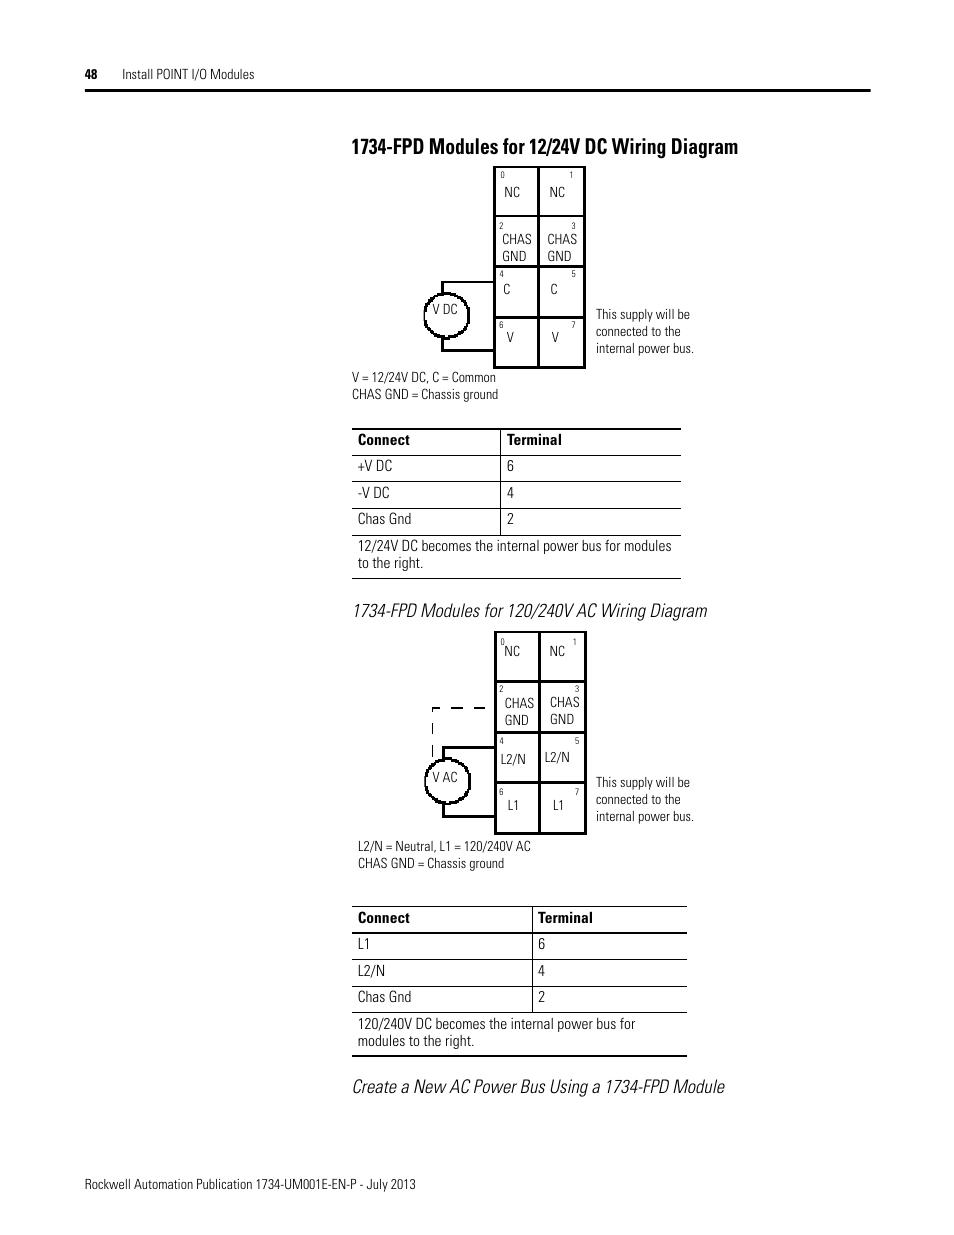 rockwell wiring diagram wiring schematics diagram  rockwell automation wiring diagram auto electrical wiring diagram rockwell table saw wiring diagram rockwell automation